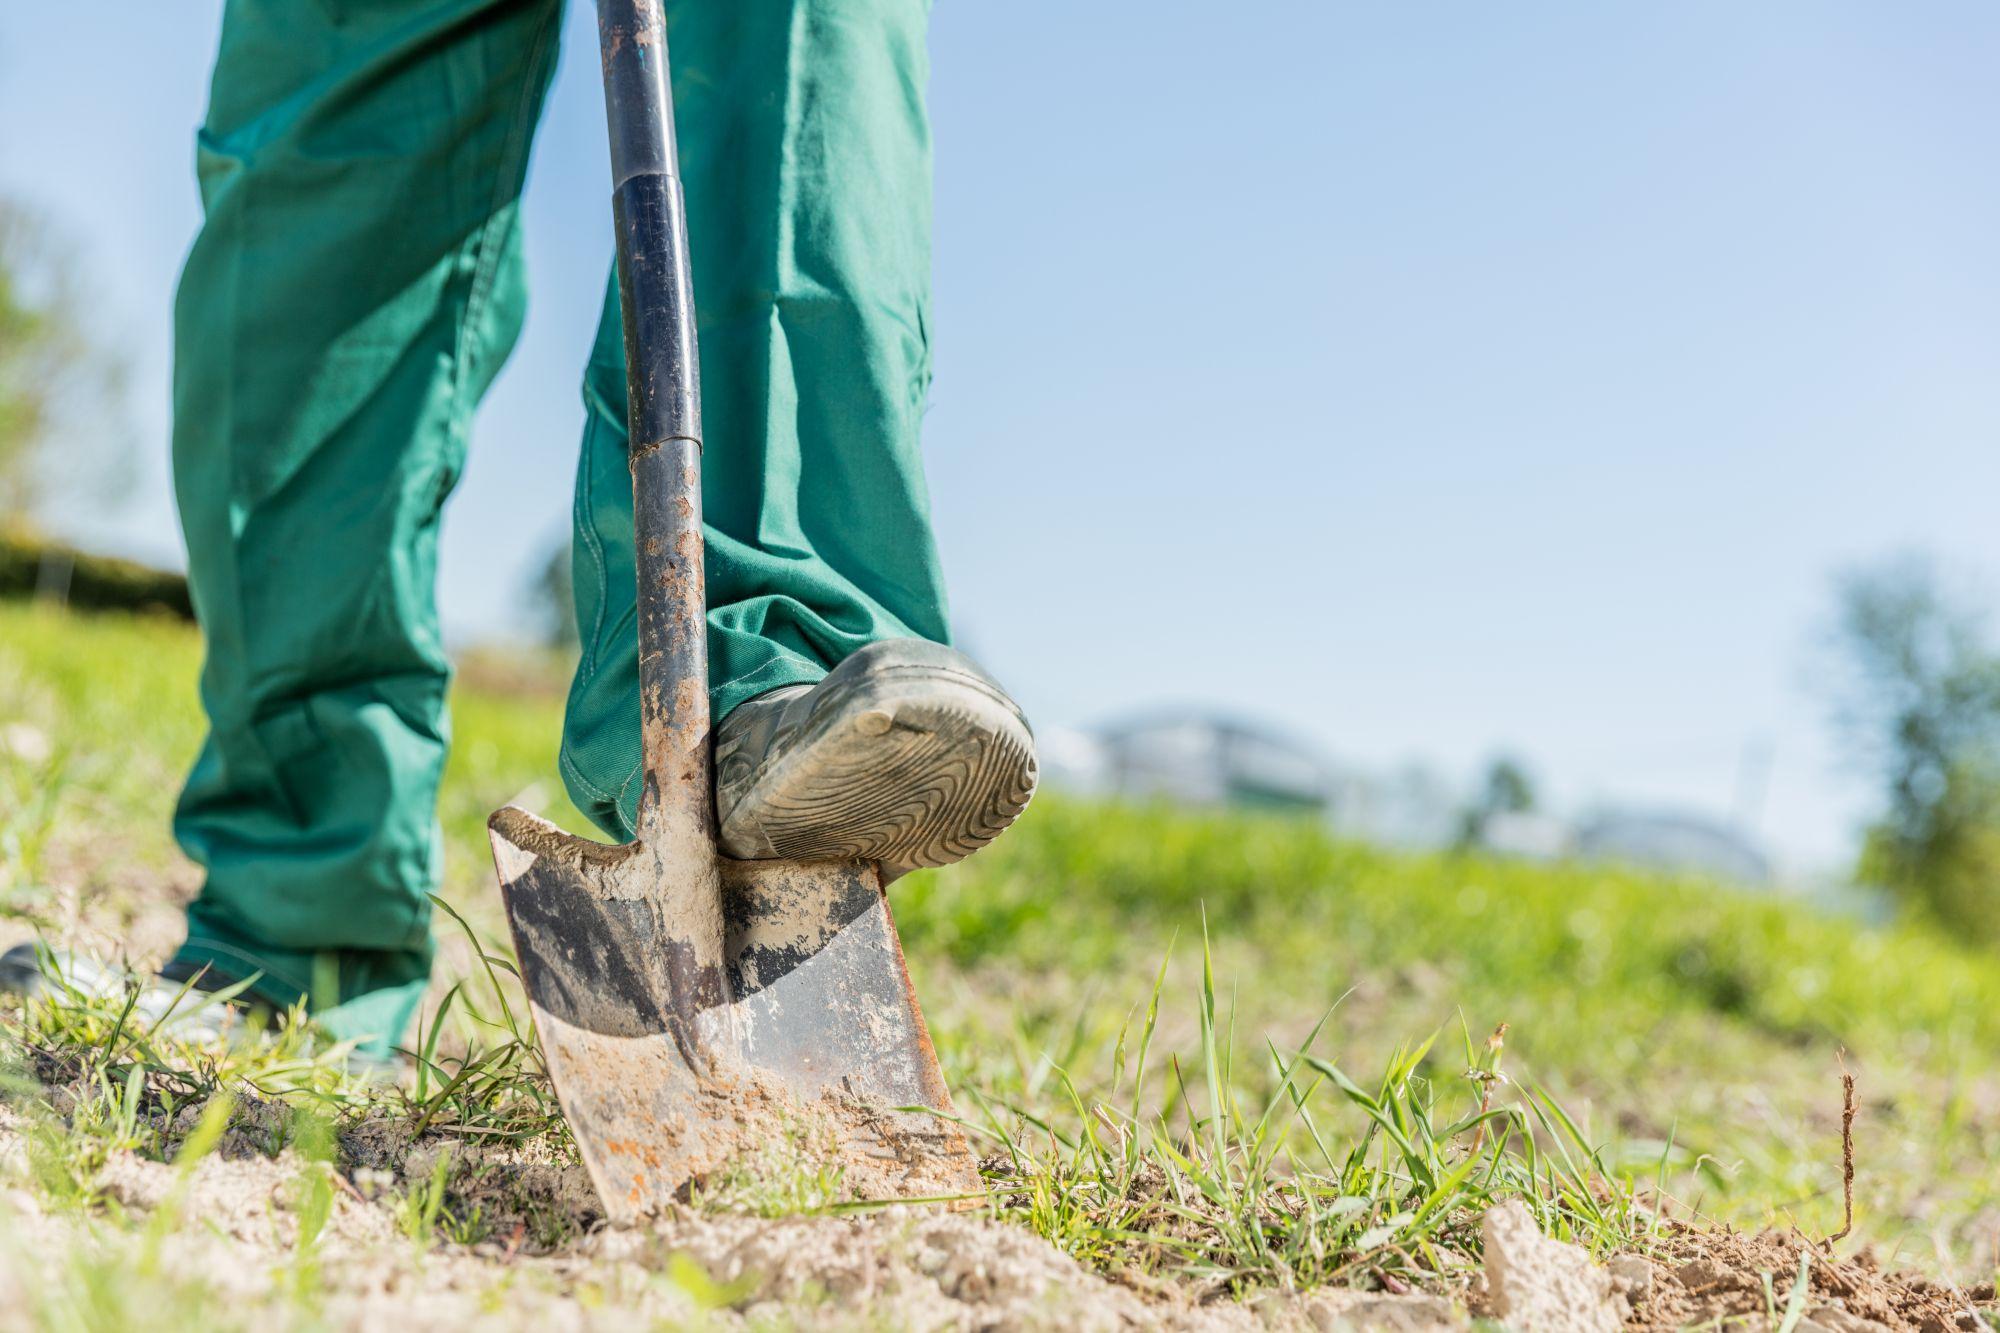 gardener-digging-in-a-garden-with-a-shovel-PLEBDE4